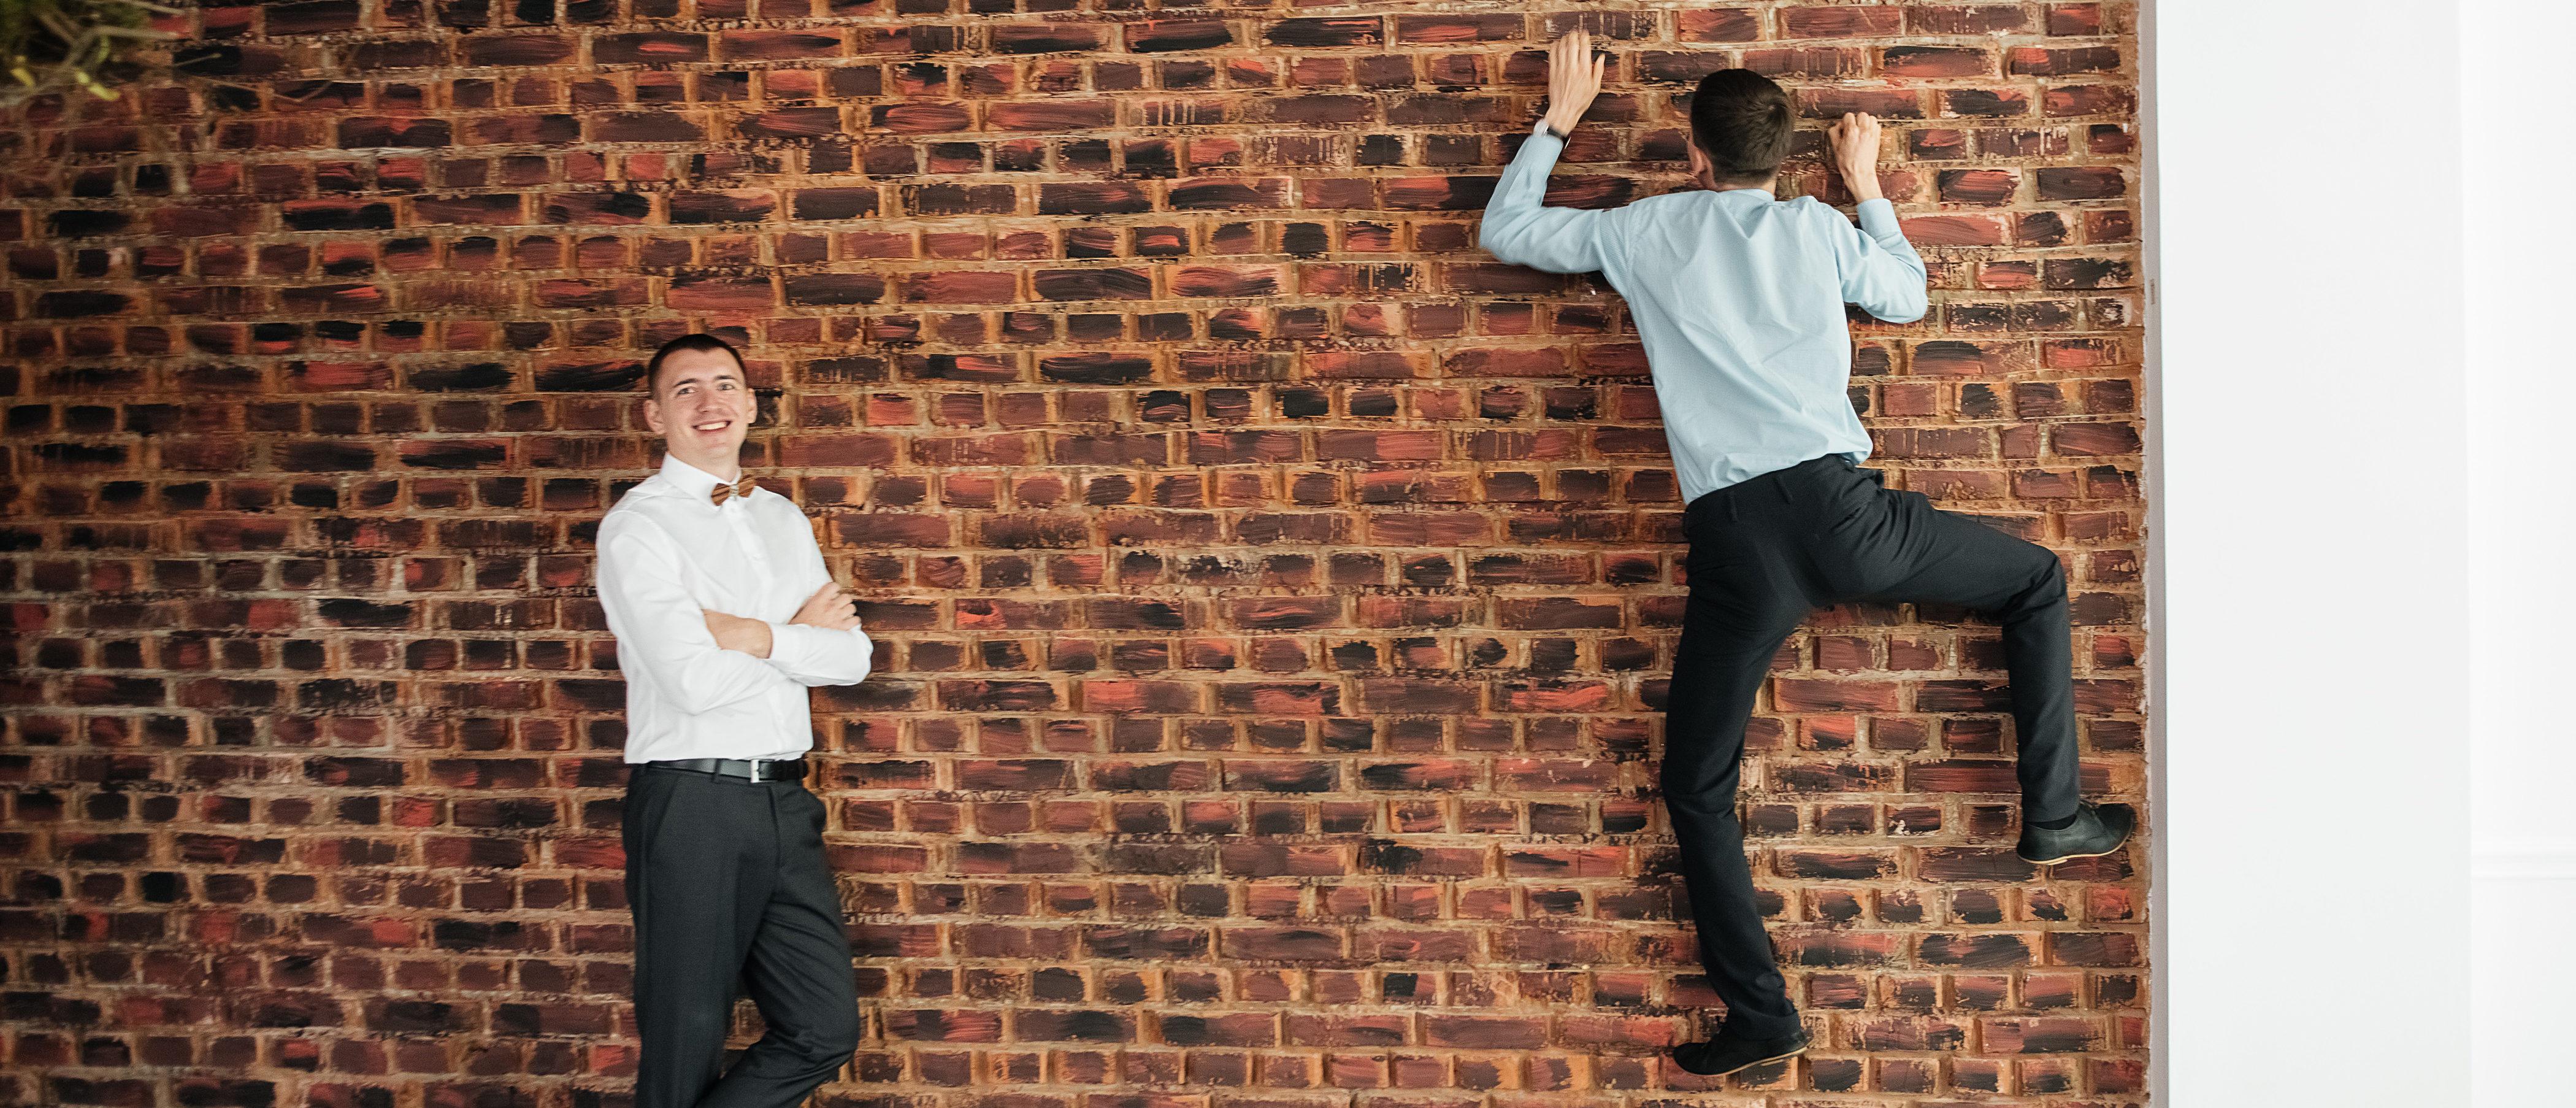 Climbing A Wall Shutterstock